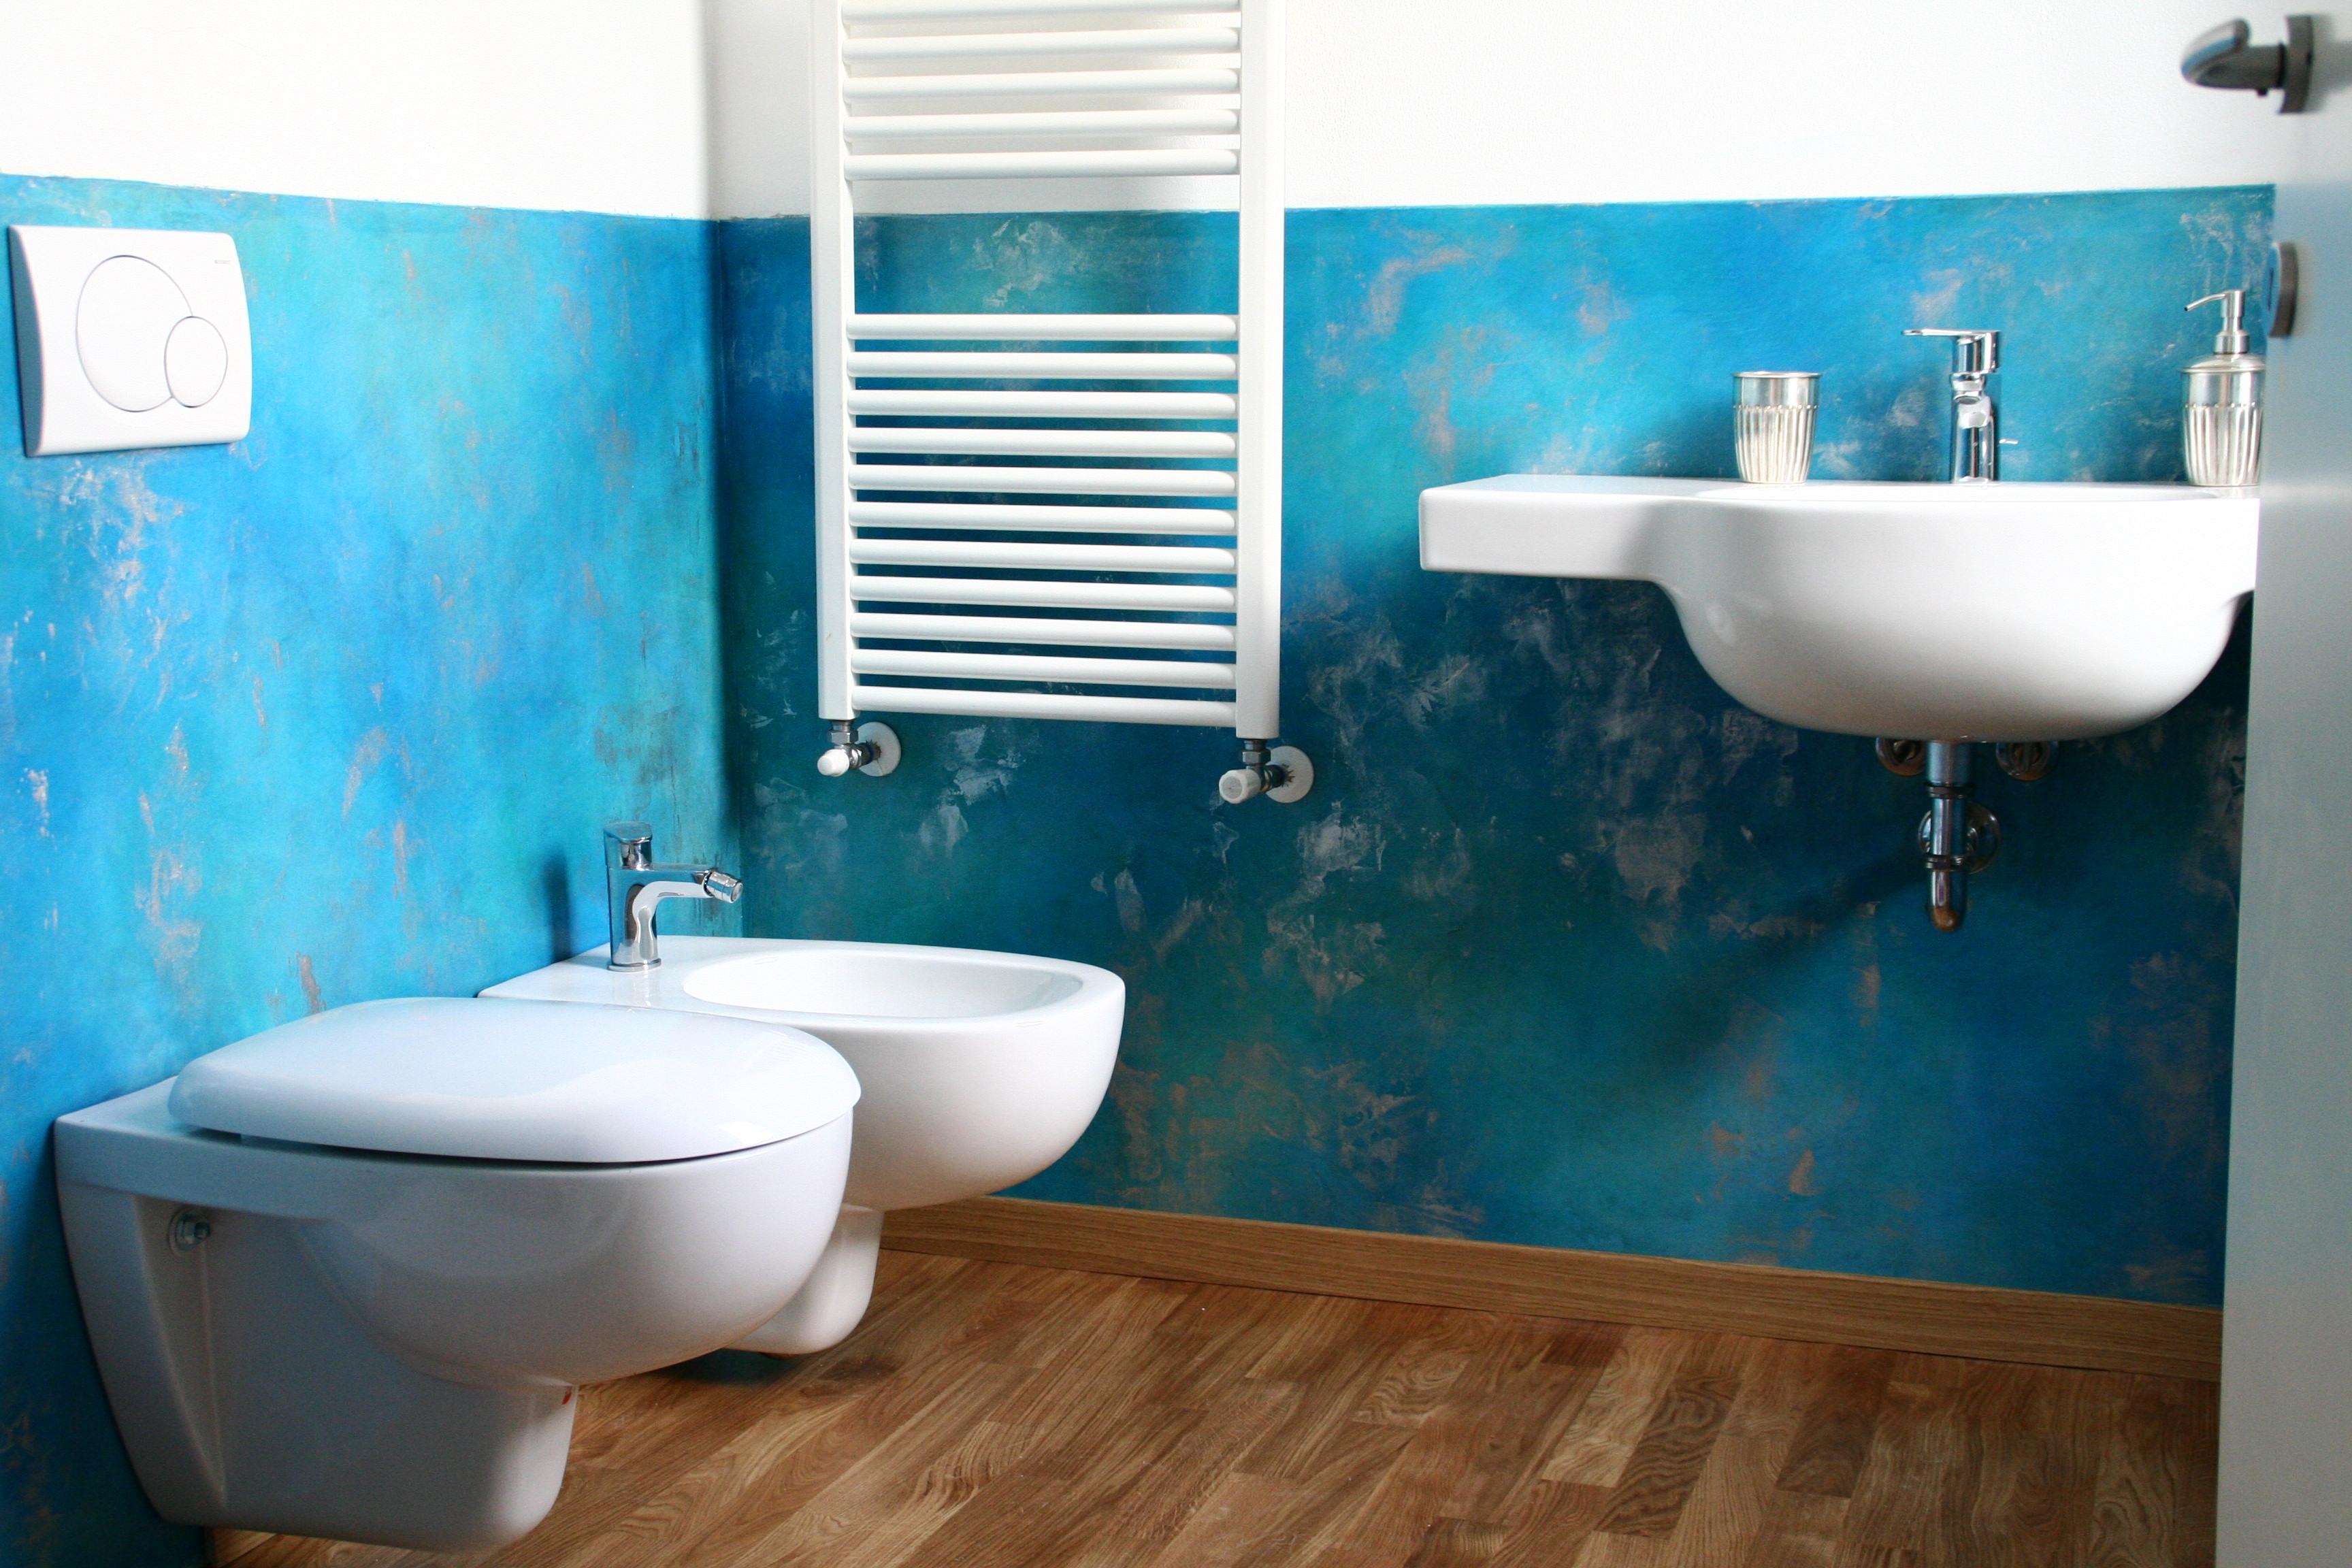 Foto bagni con pareti resina bagno mattonelle rivestimenti resina come rivestire con la - Resina pareti bagno costi ...